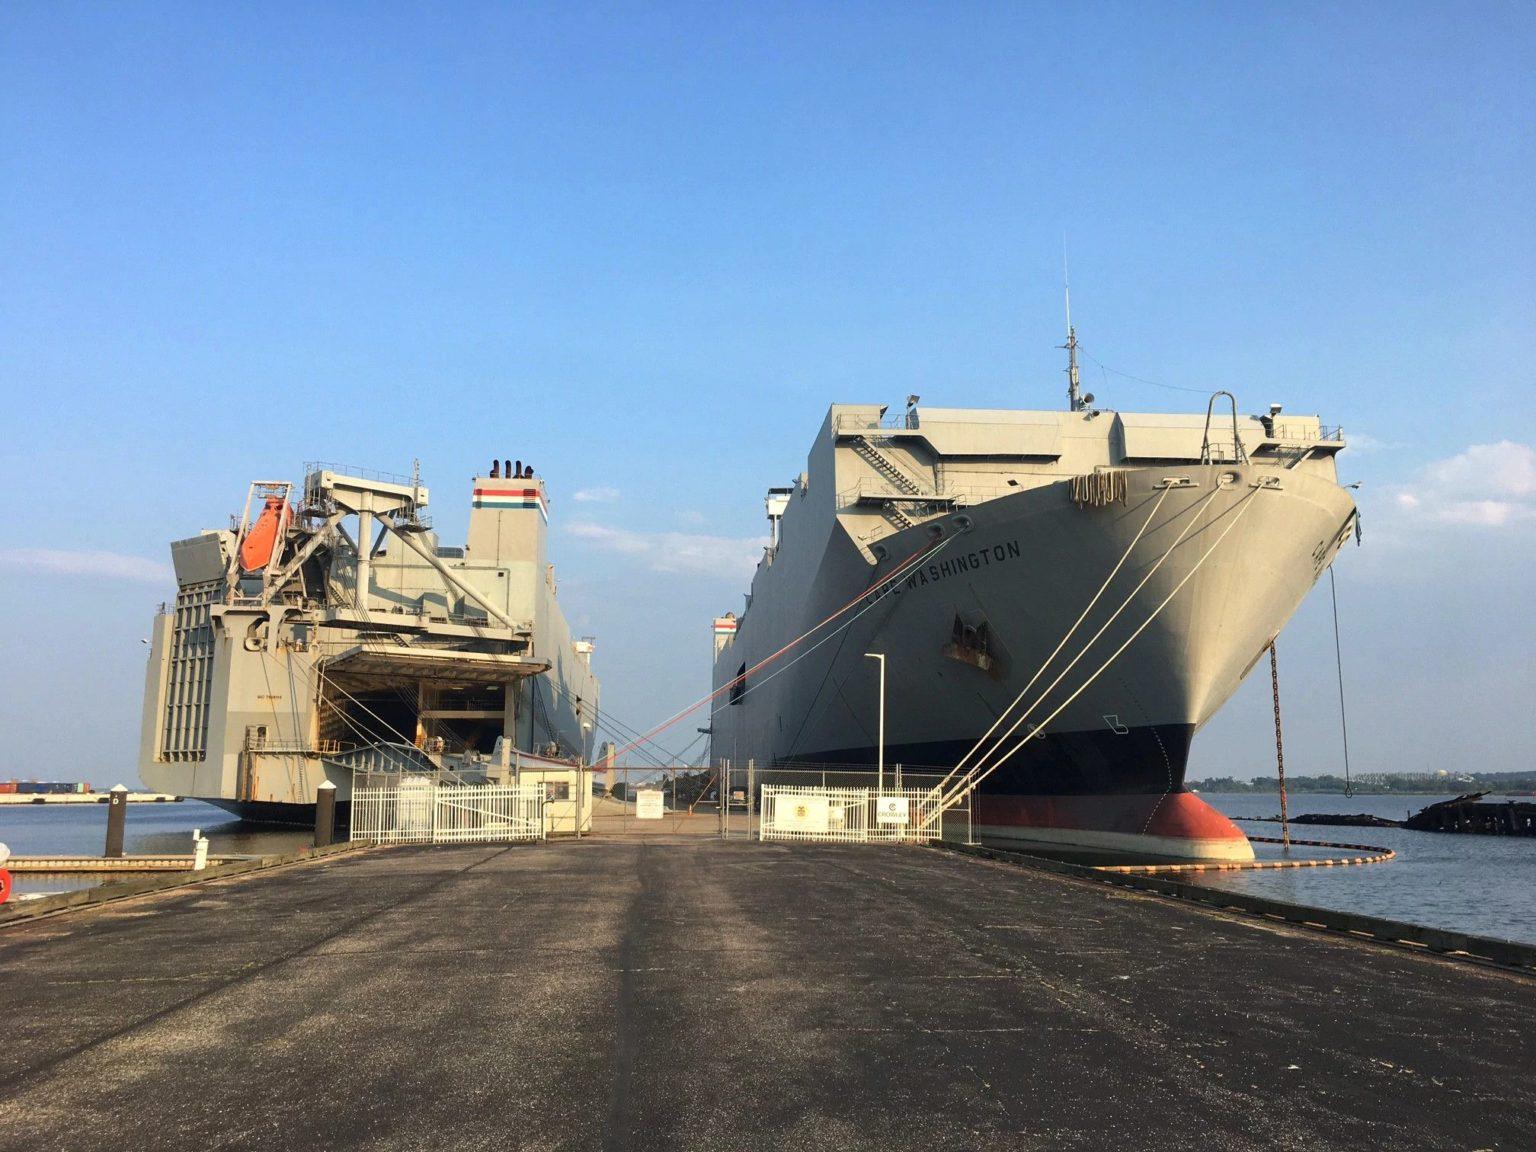 Crowley se adjudica un contrato para gestionar la adquisición de buques para la Fuerza de Reserva Preparada del MARAD